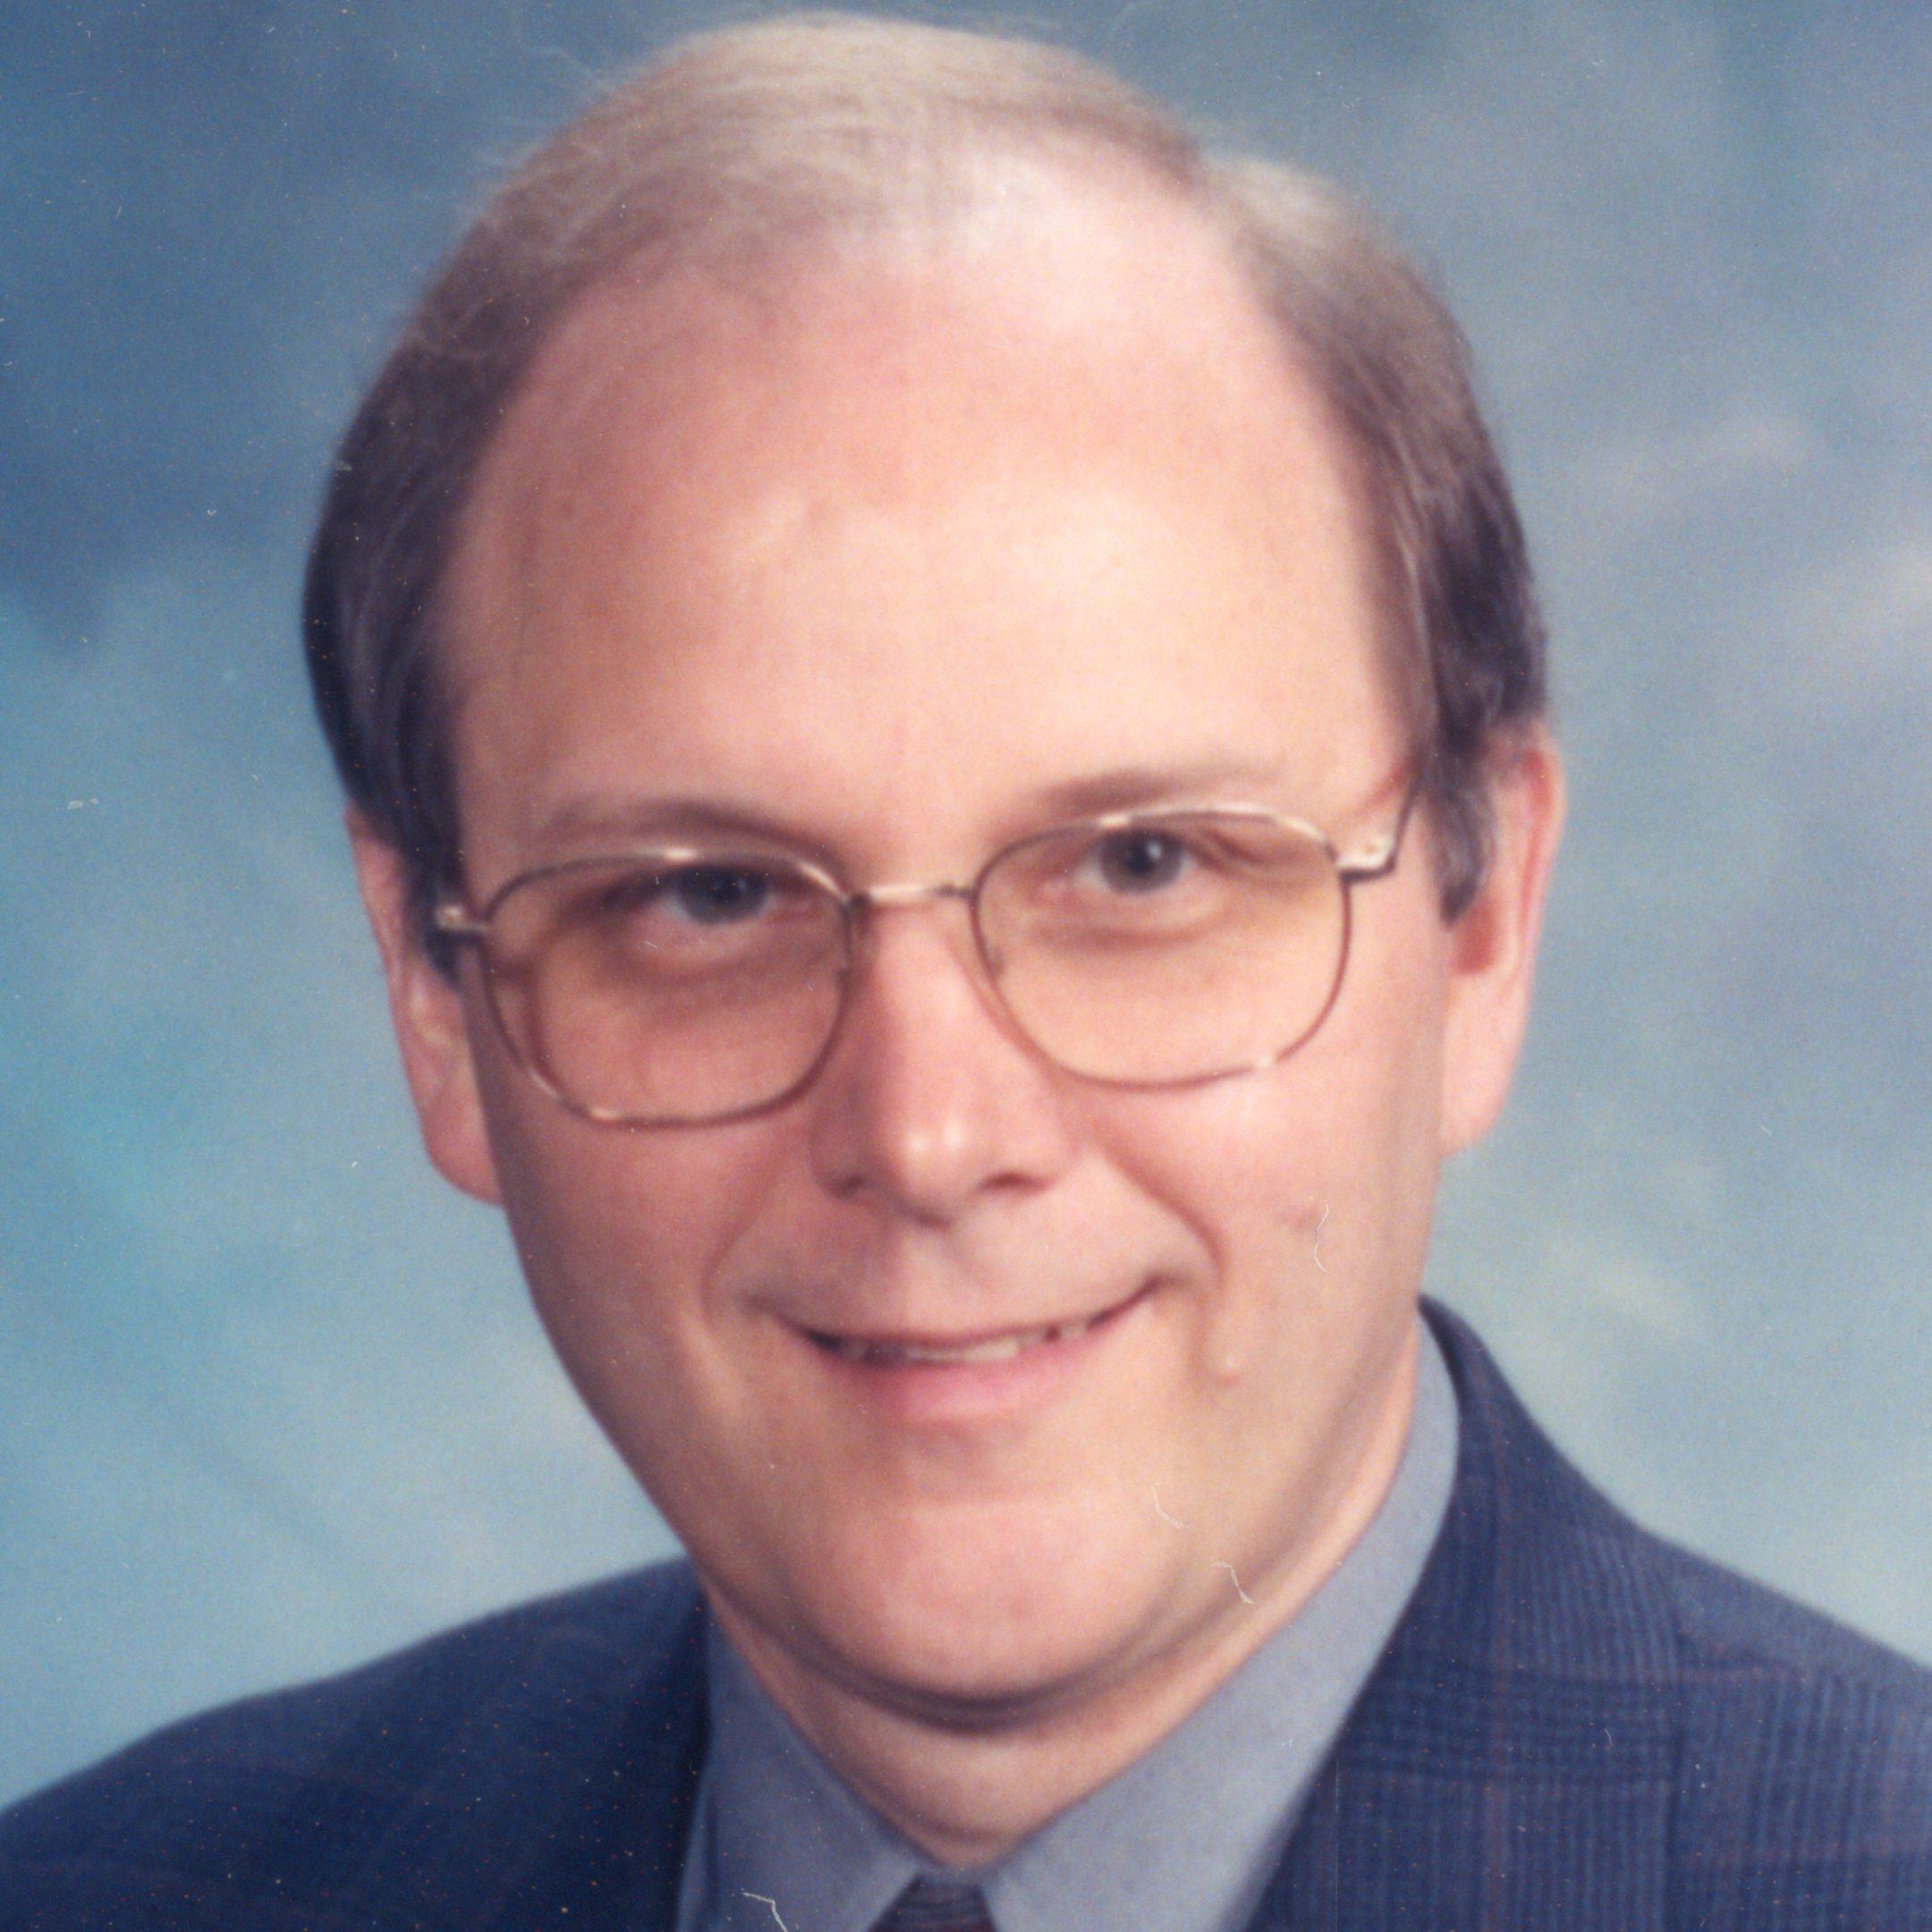 Robert Sellers